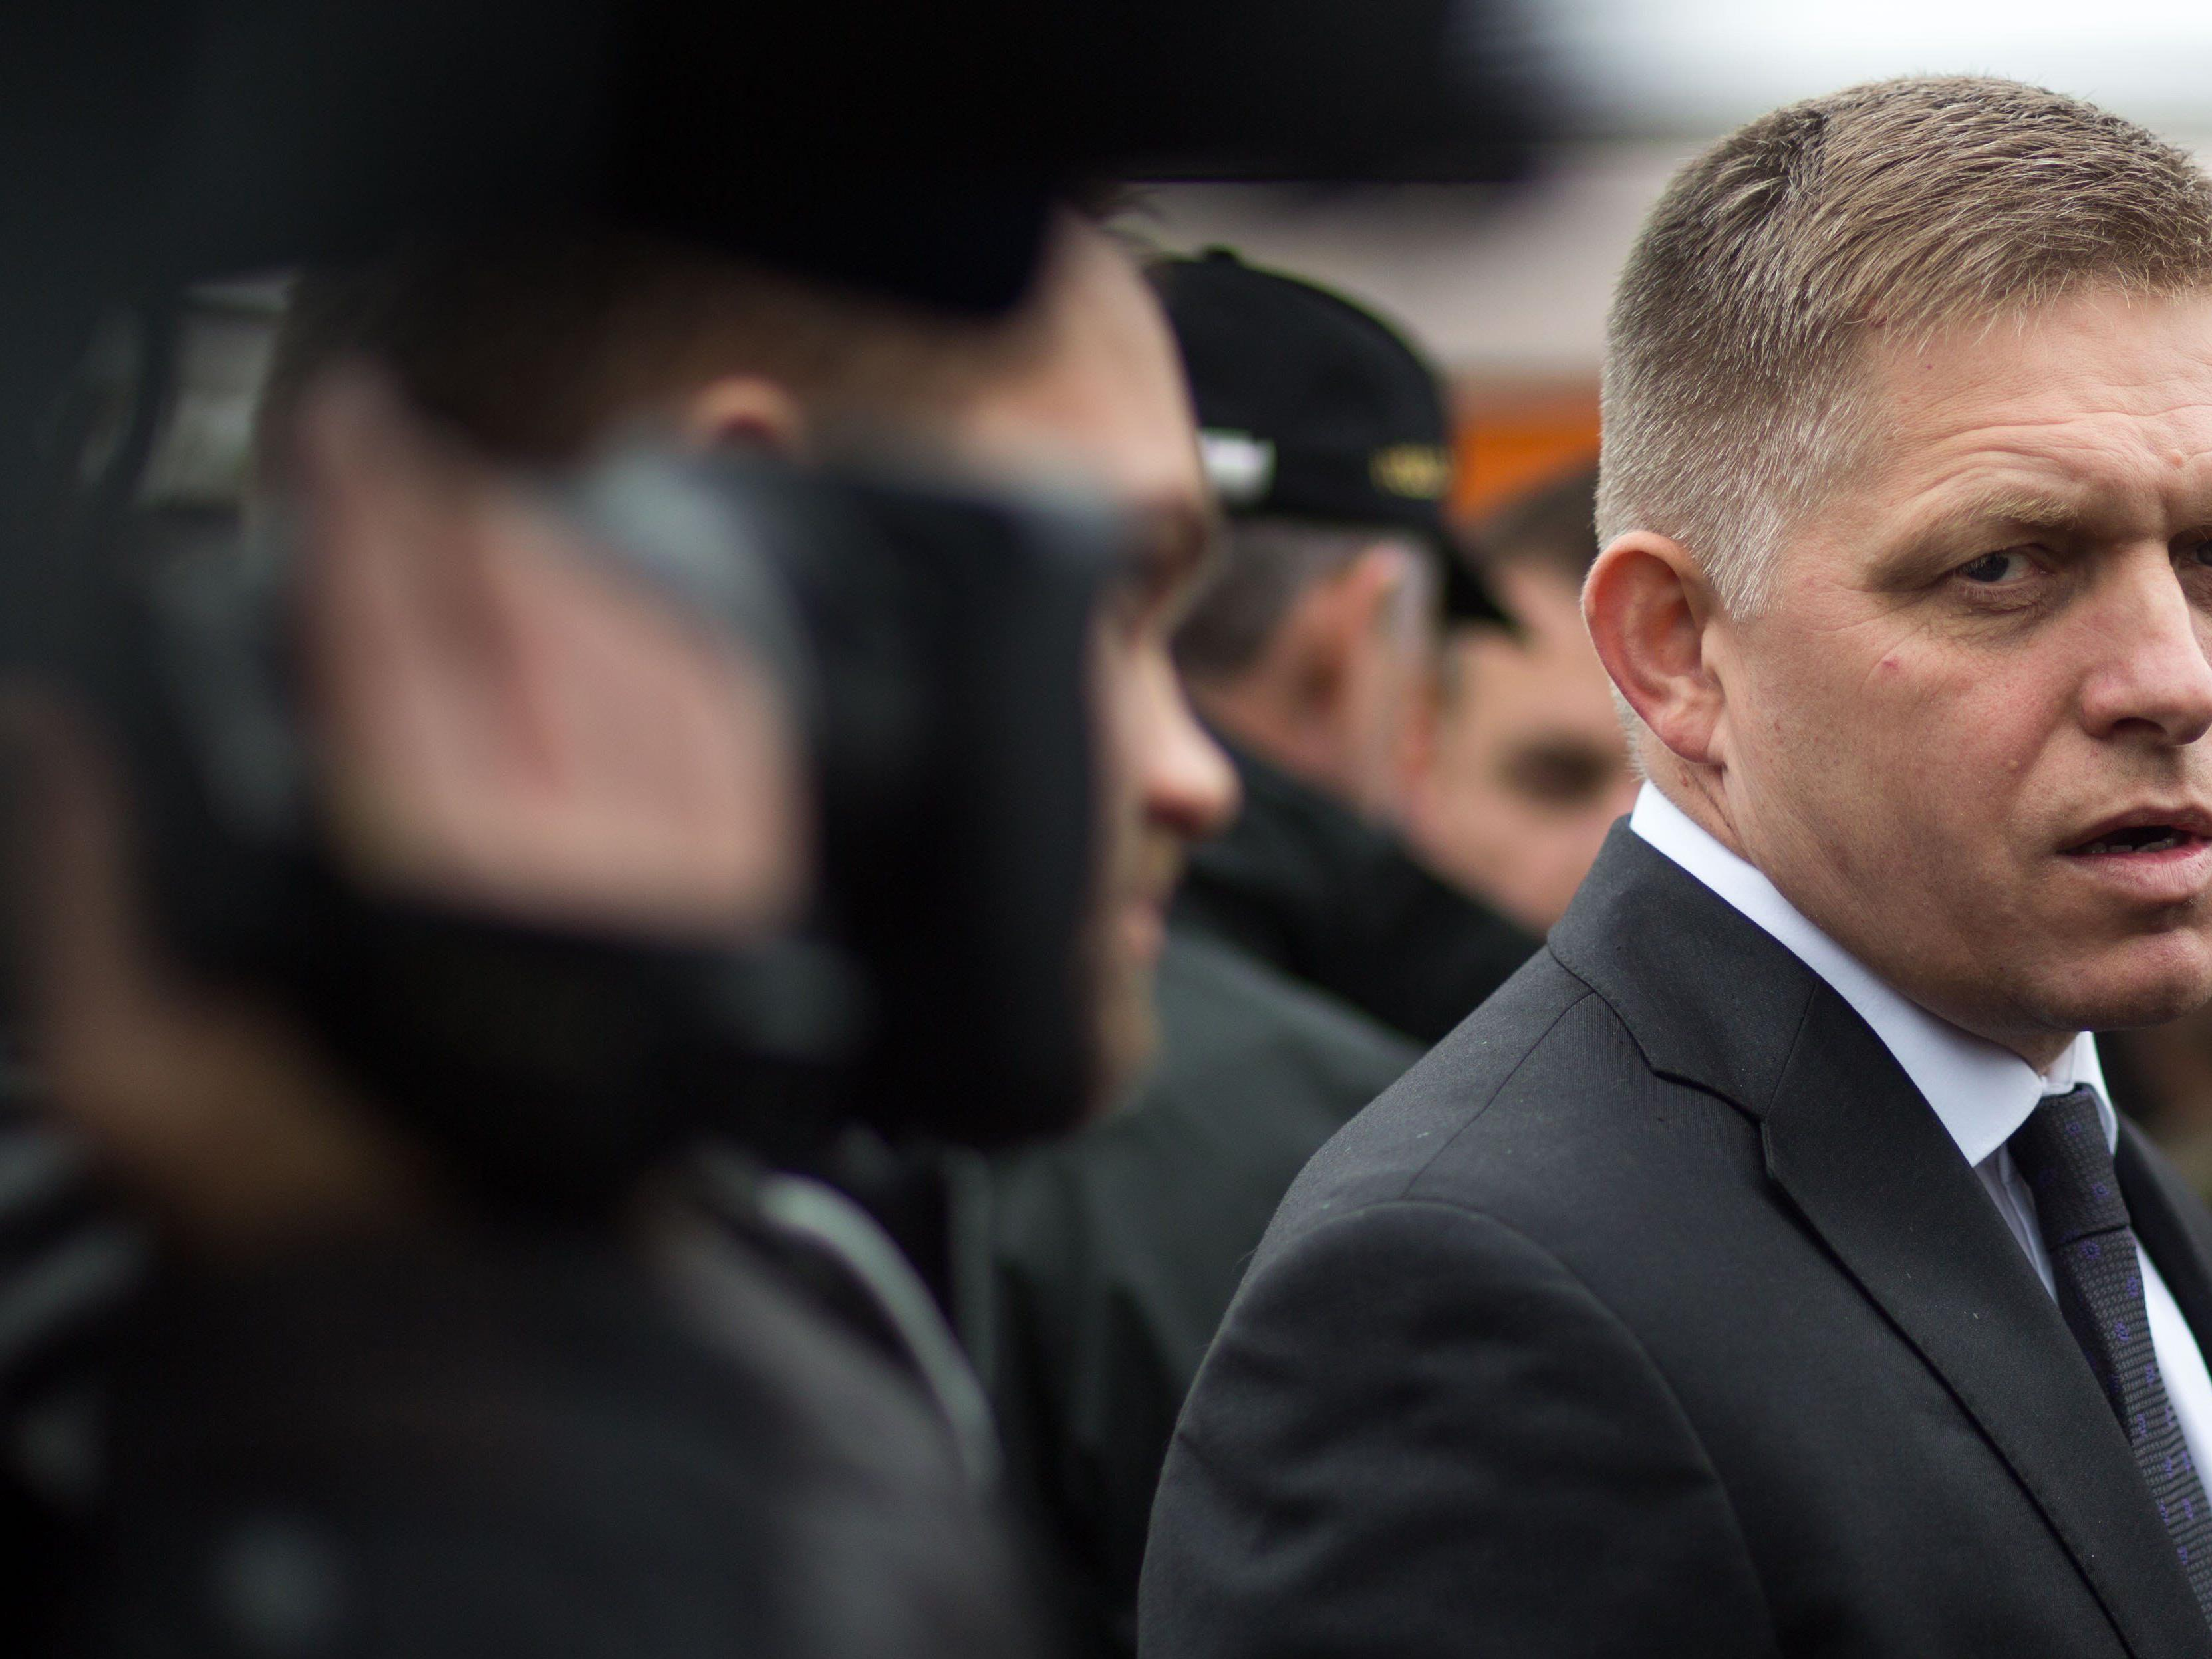 Slowakei reichte Klage gegen EU-Flüchtlingsquote ein. Im Bild: Robert Fico.